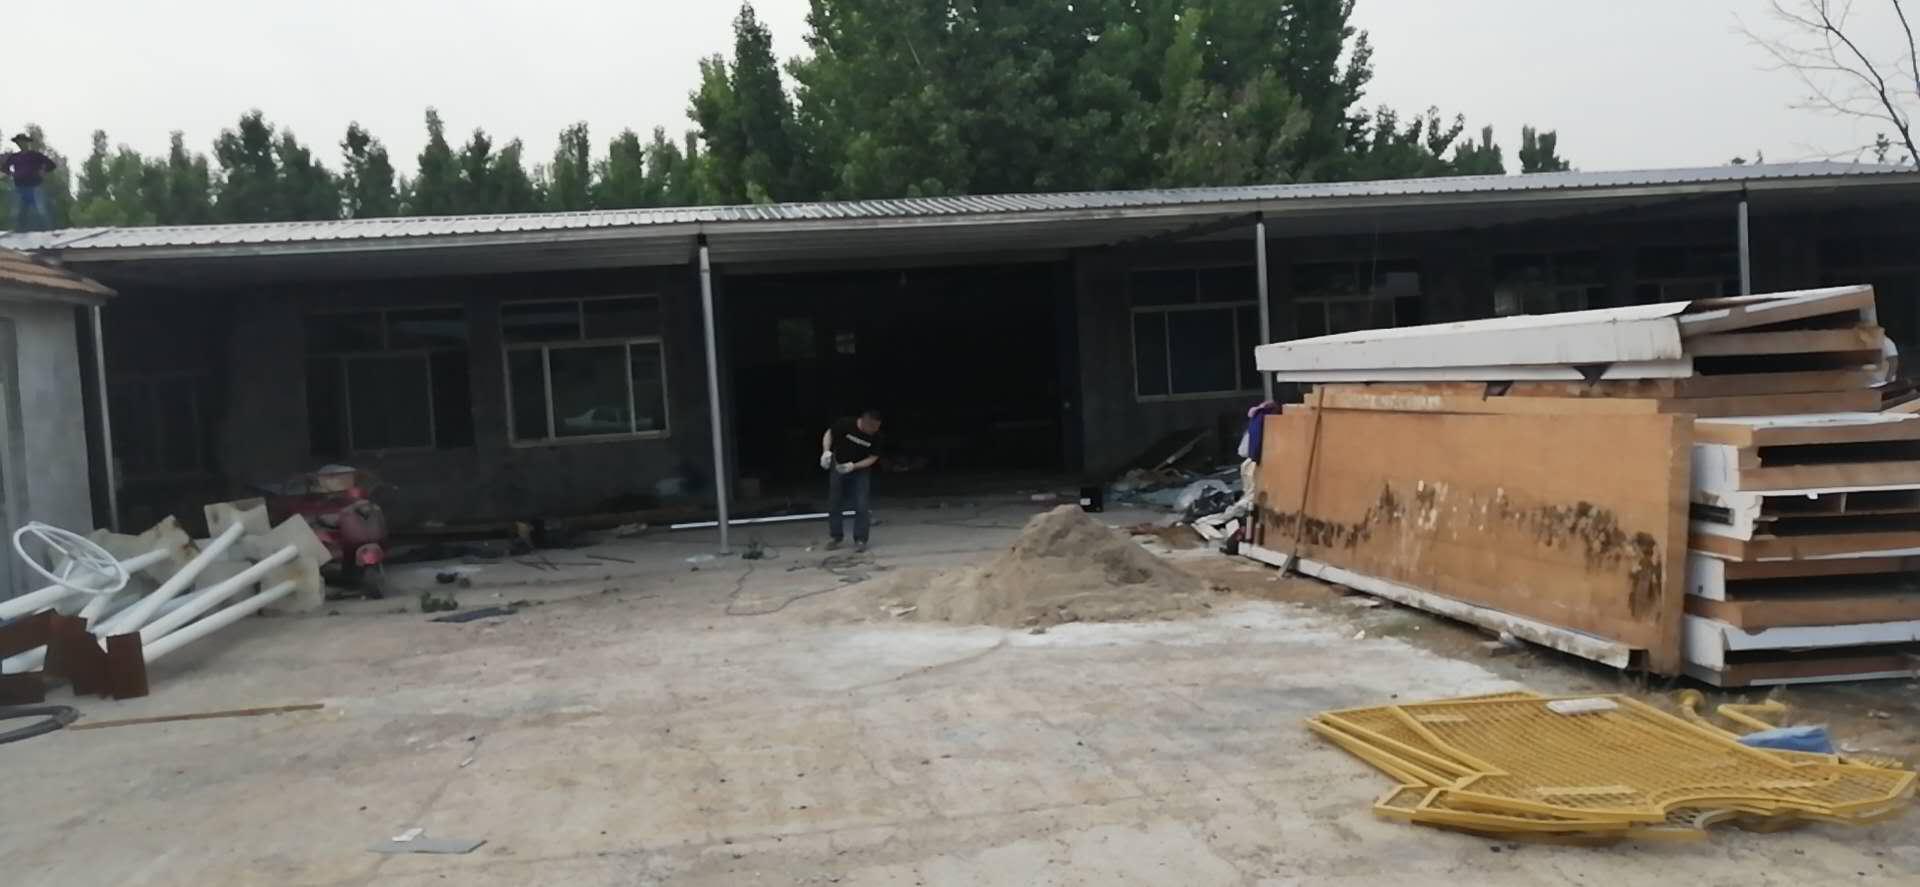 (快租免费寻址)潍城区工业技师学院对面16亩土地出租转让